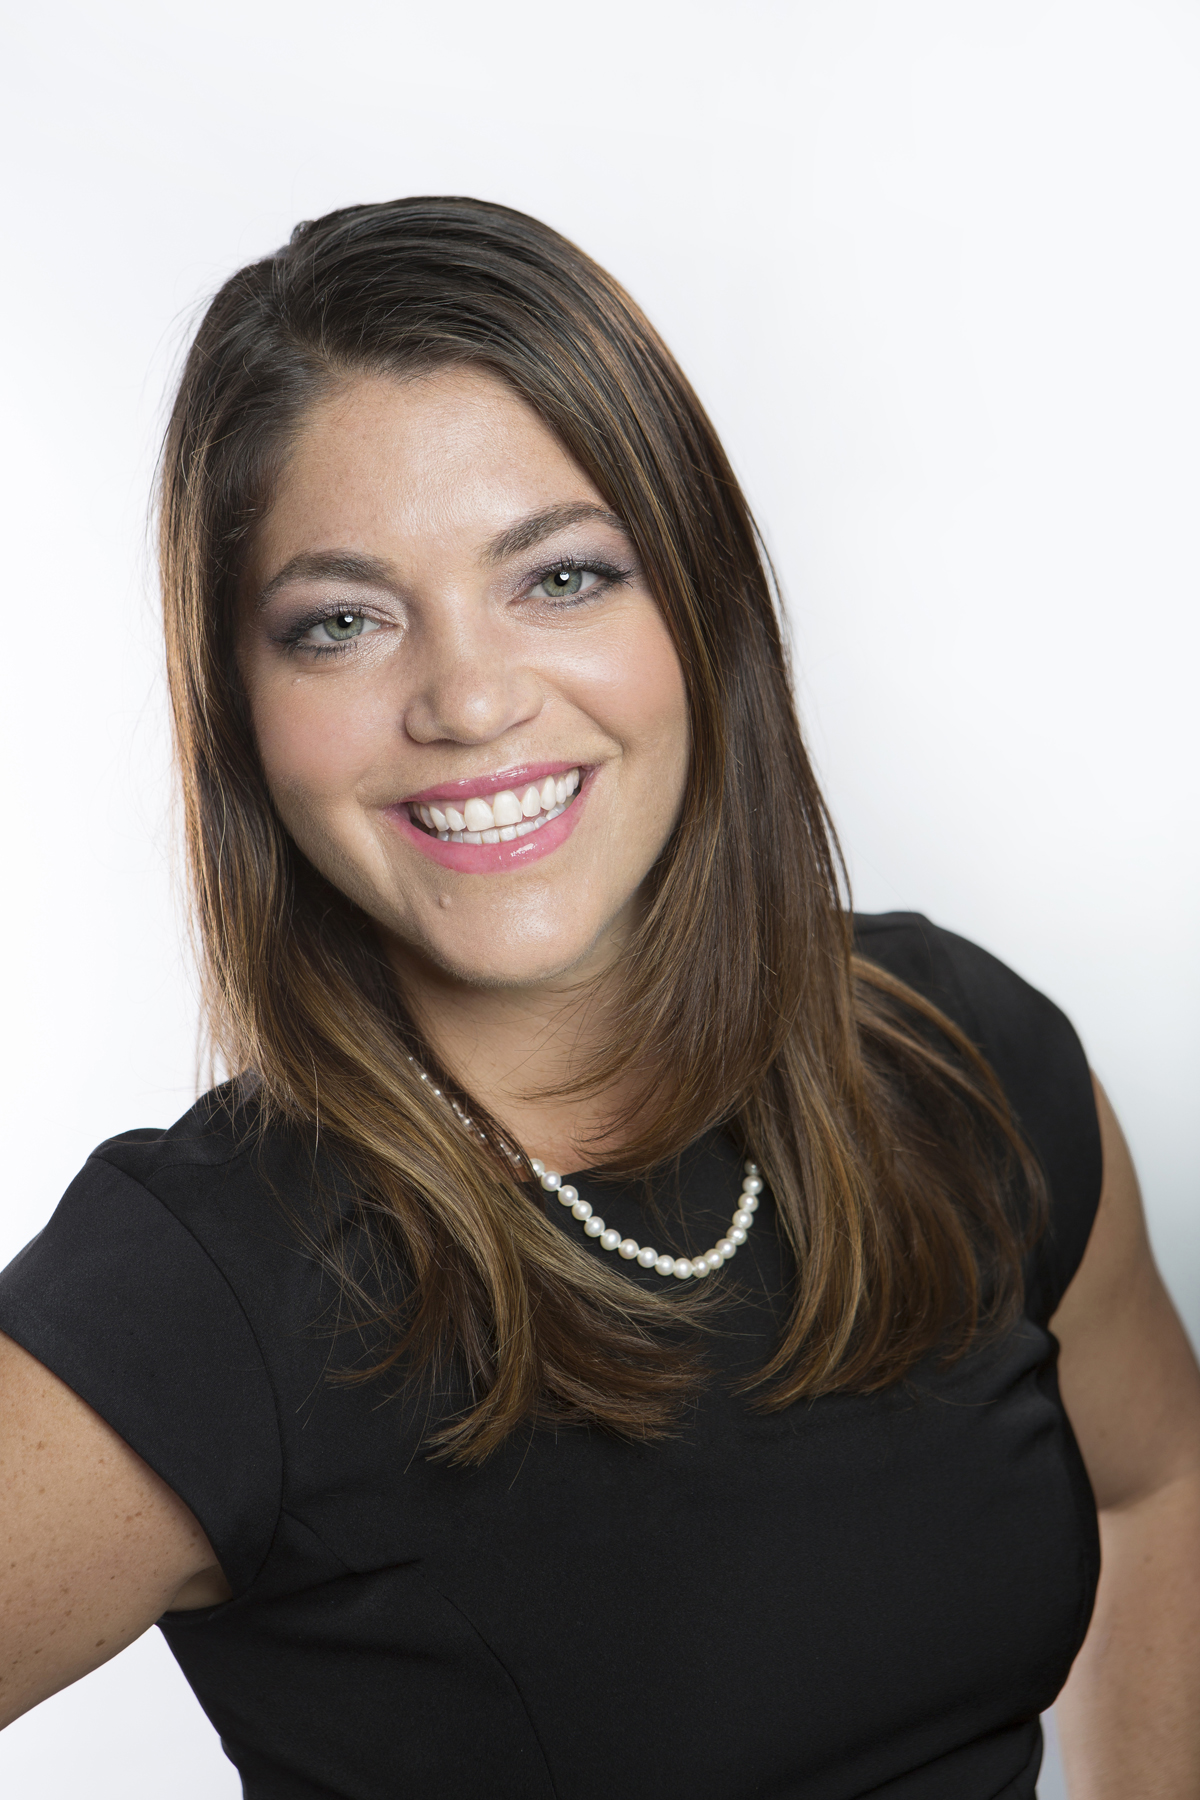 Alicia Cavallaro